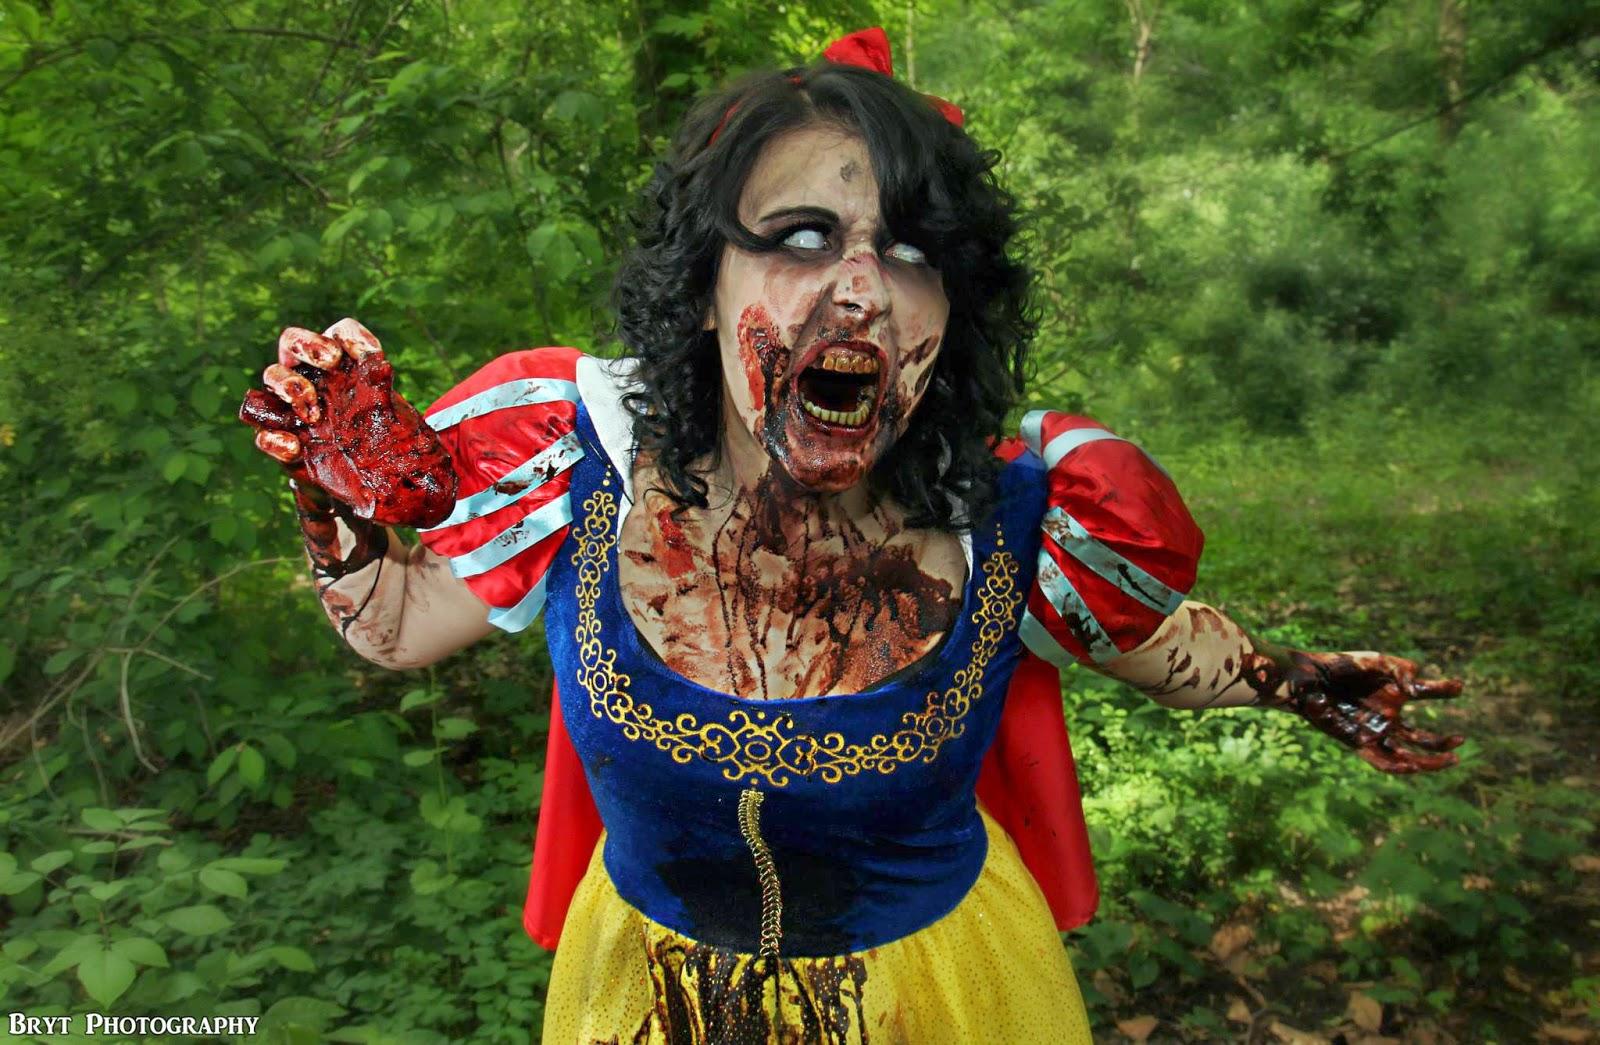 cosplay féminin de Blanche-Neige Zombie debout